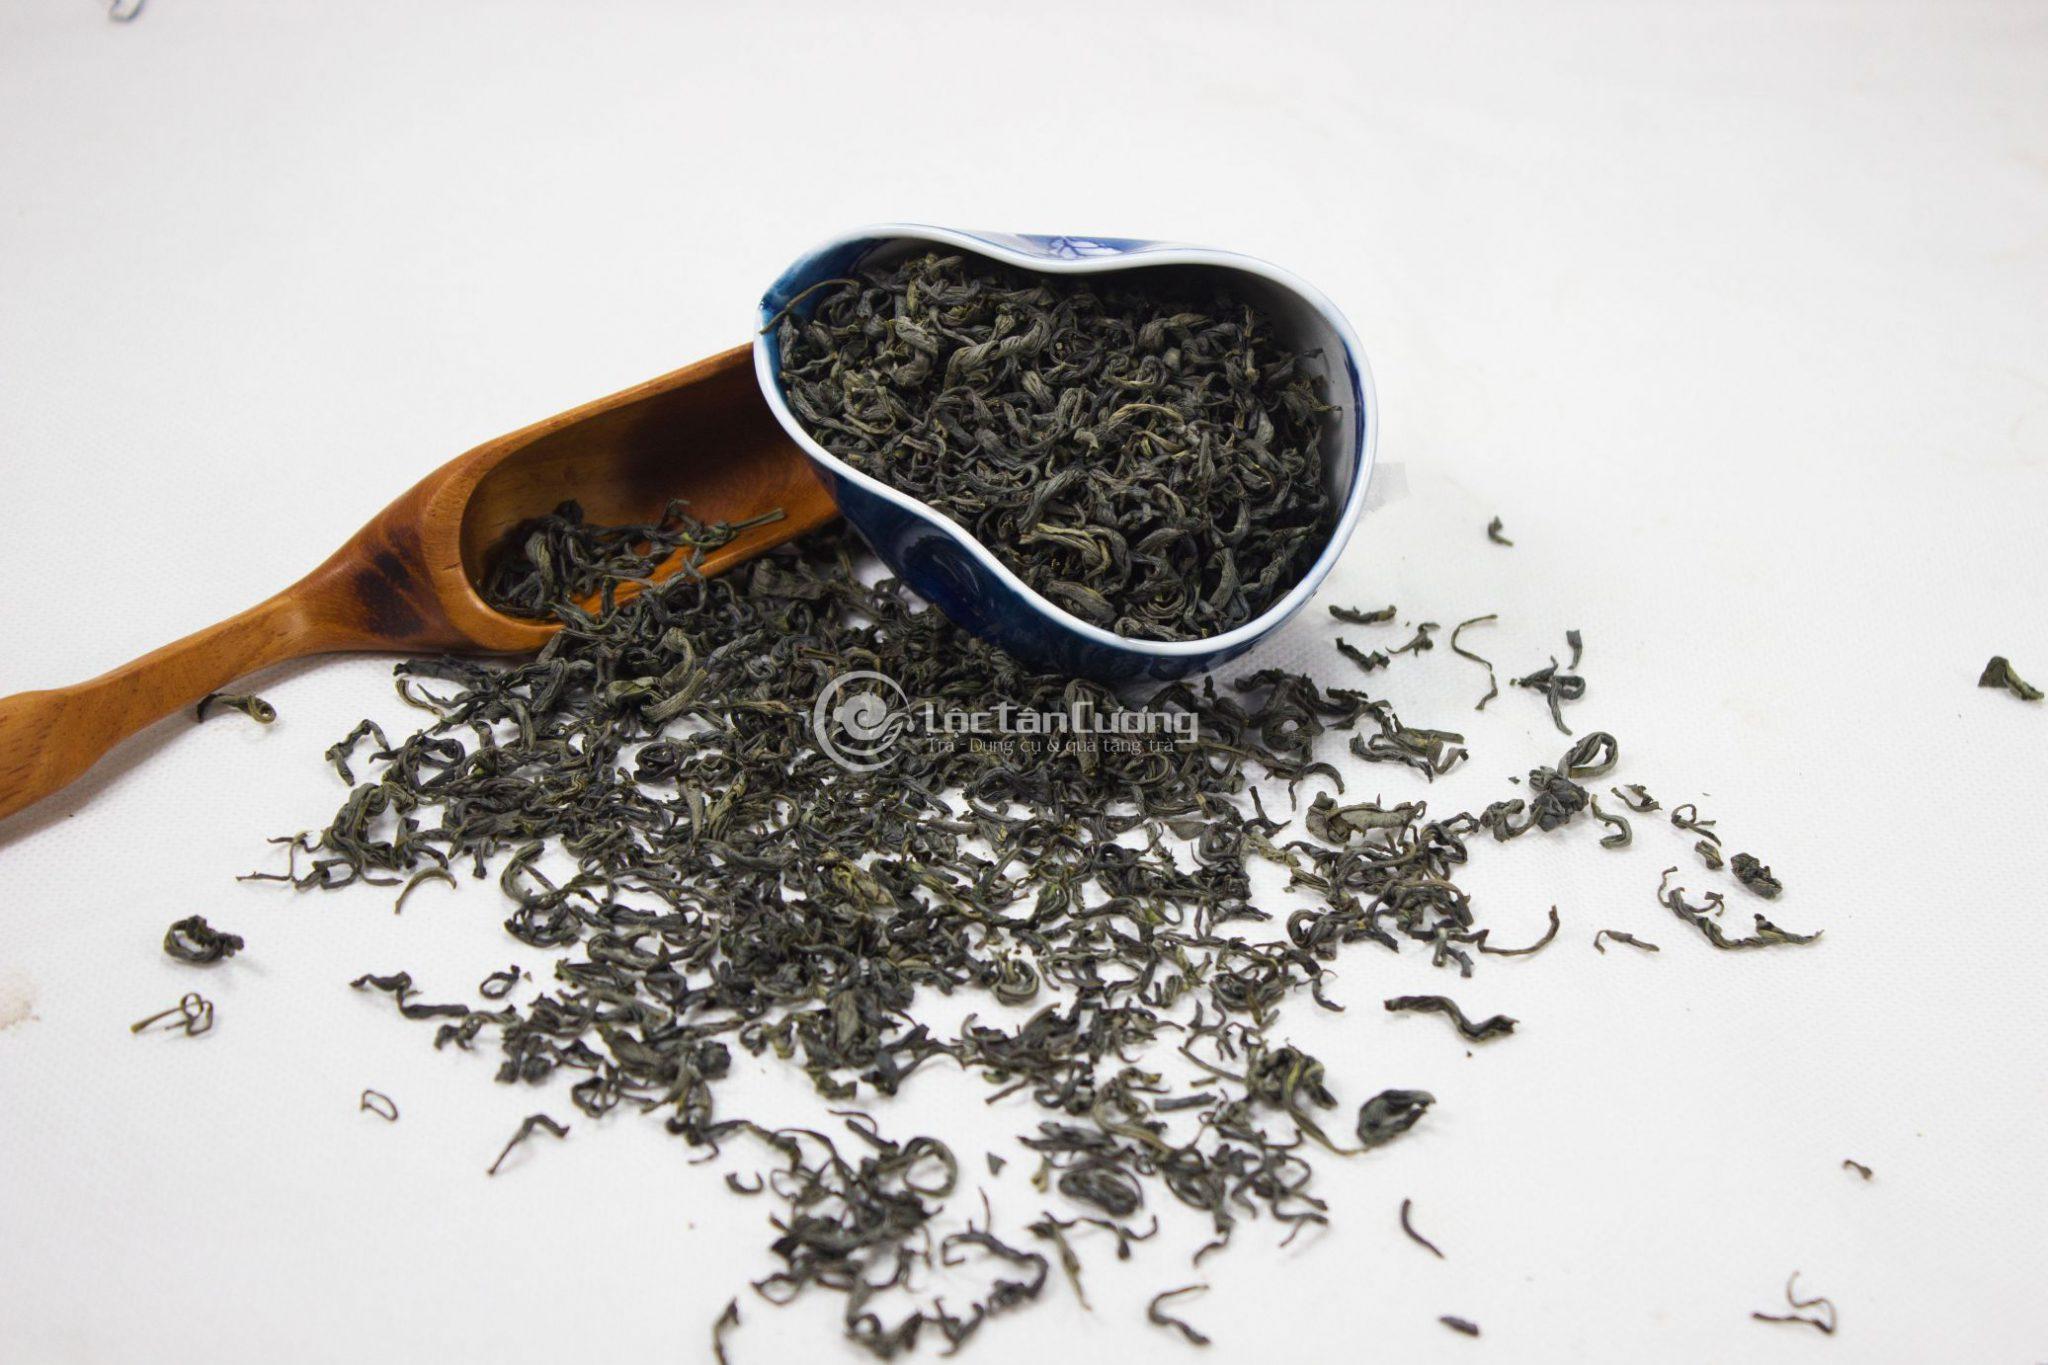 cánh trà búp xoăn, đều đặn, ko gãy nát, có hương thơm đặc trưng khi đưa lên mũi